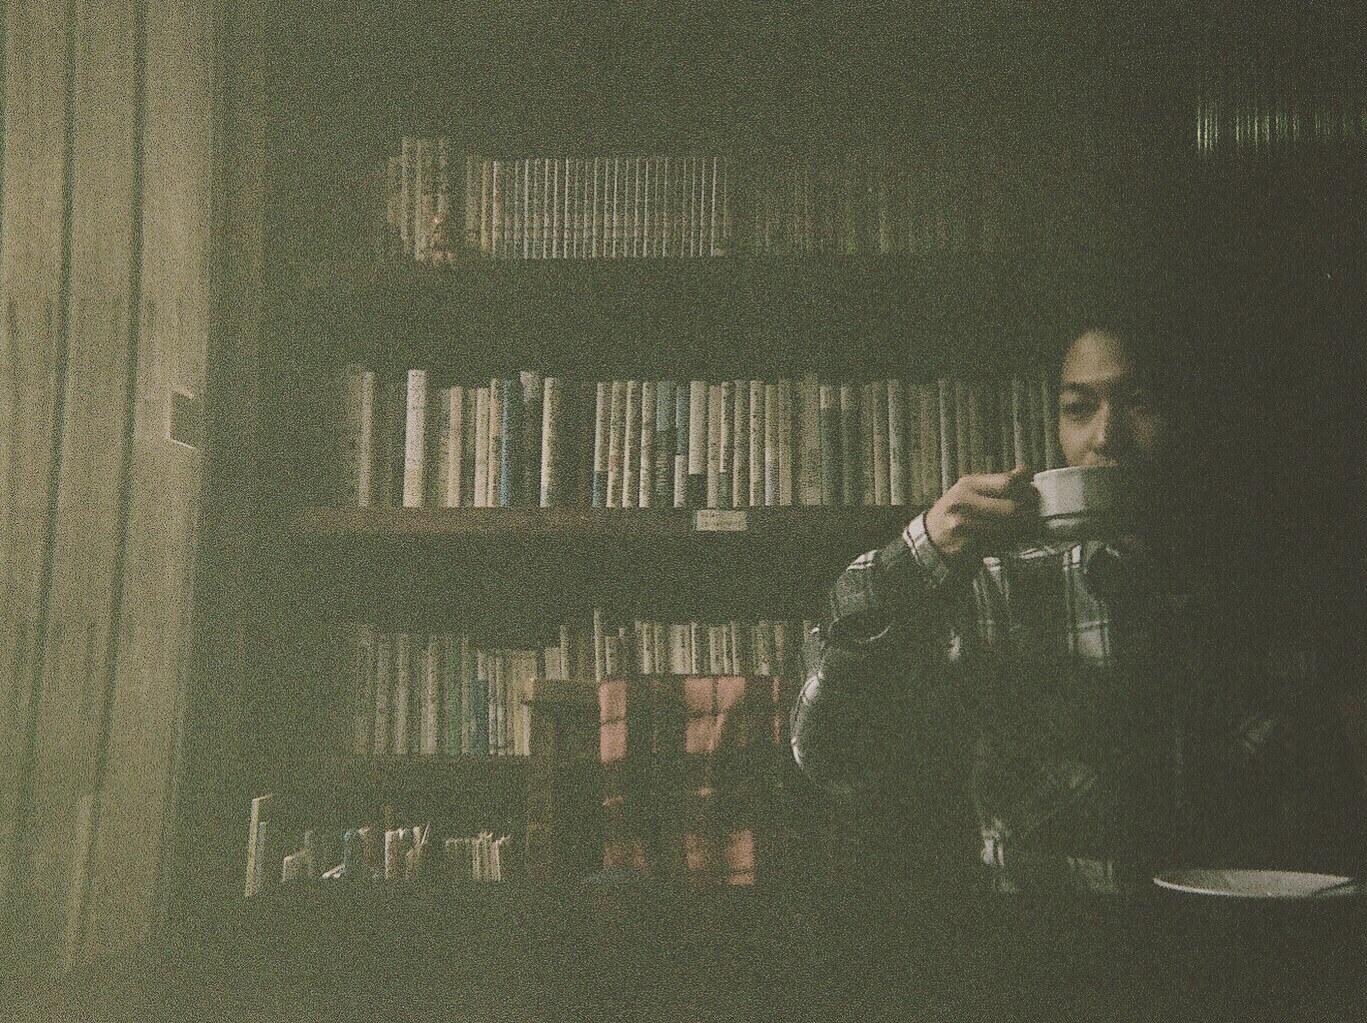 ノイズとコーヒー|#0  はじめに S__65298438